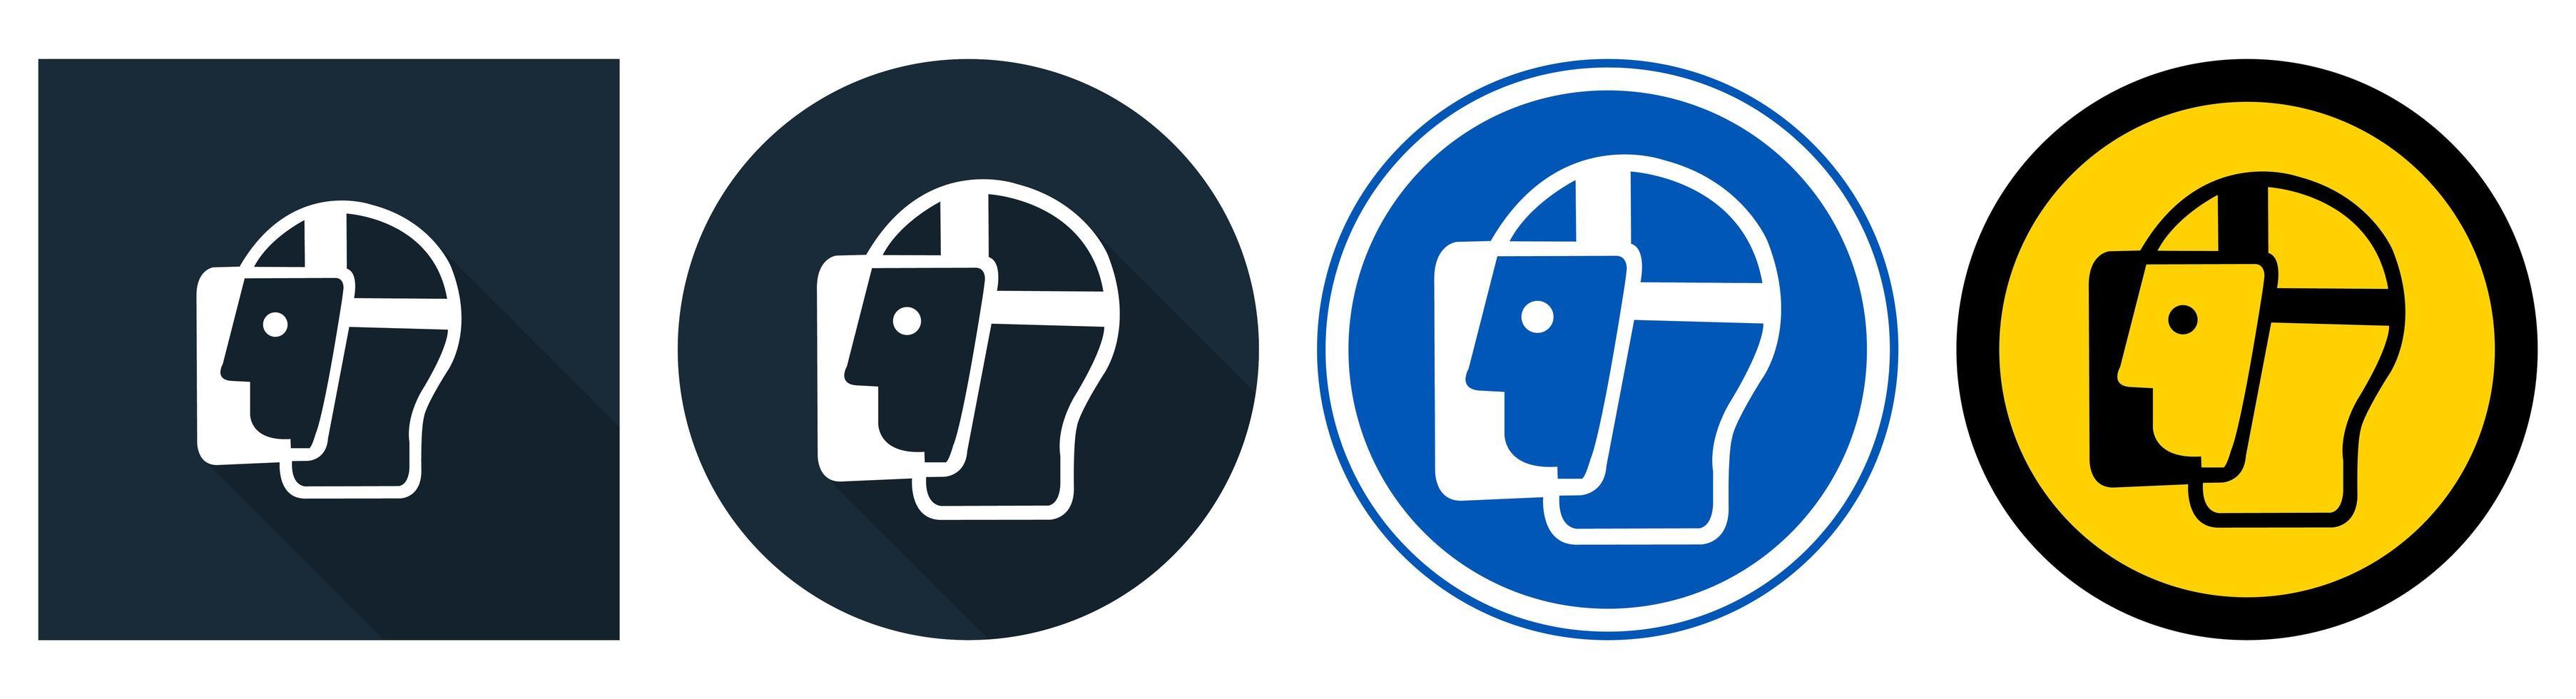 simbolo visiera deve essere indossato segno vettore